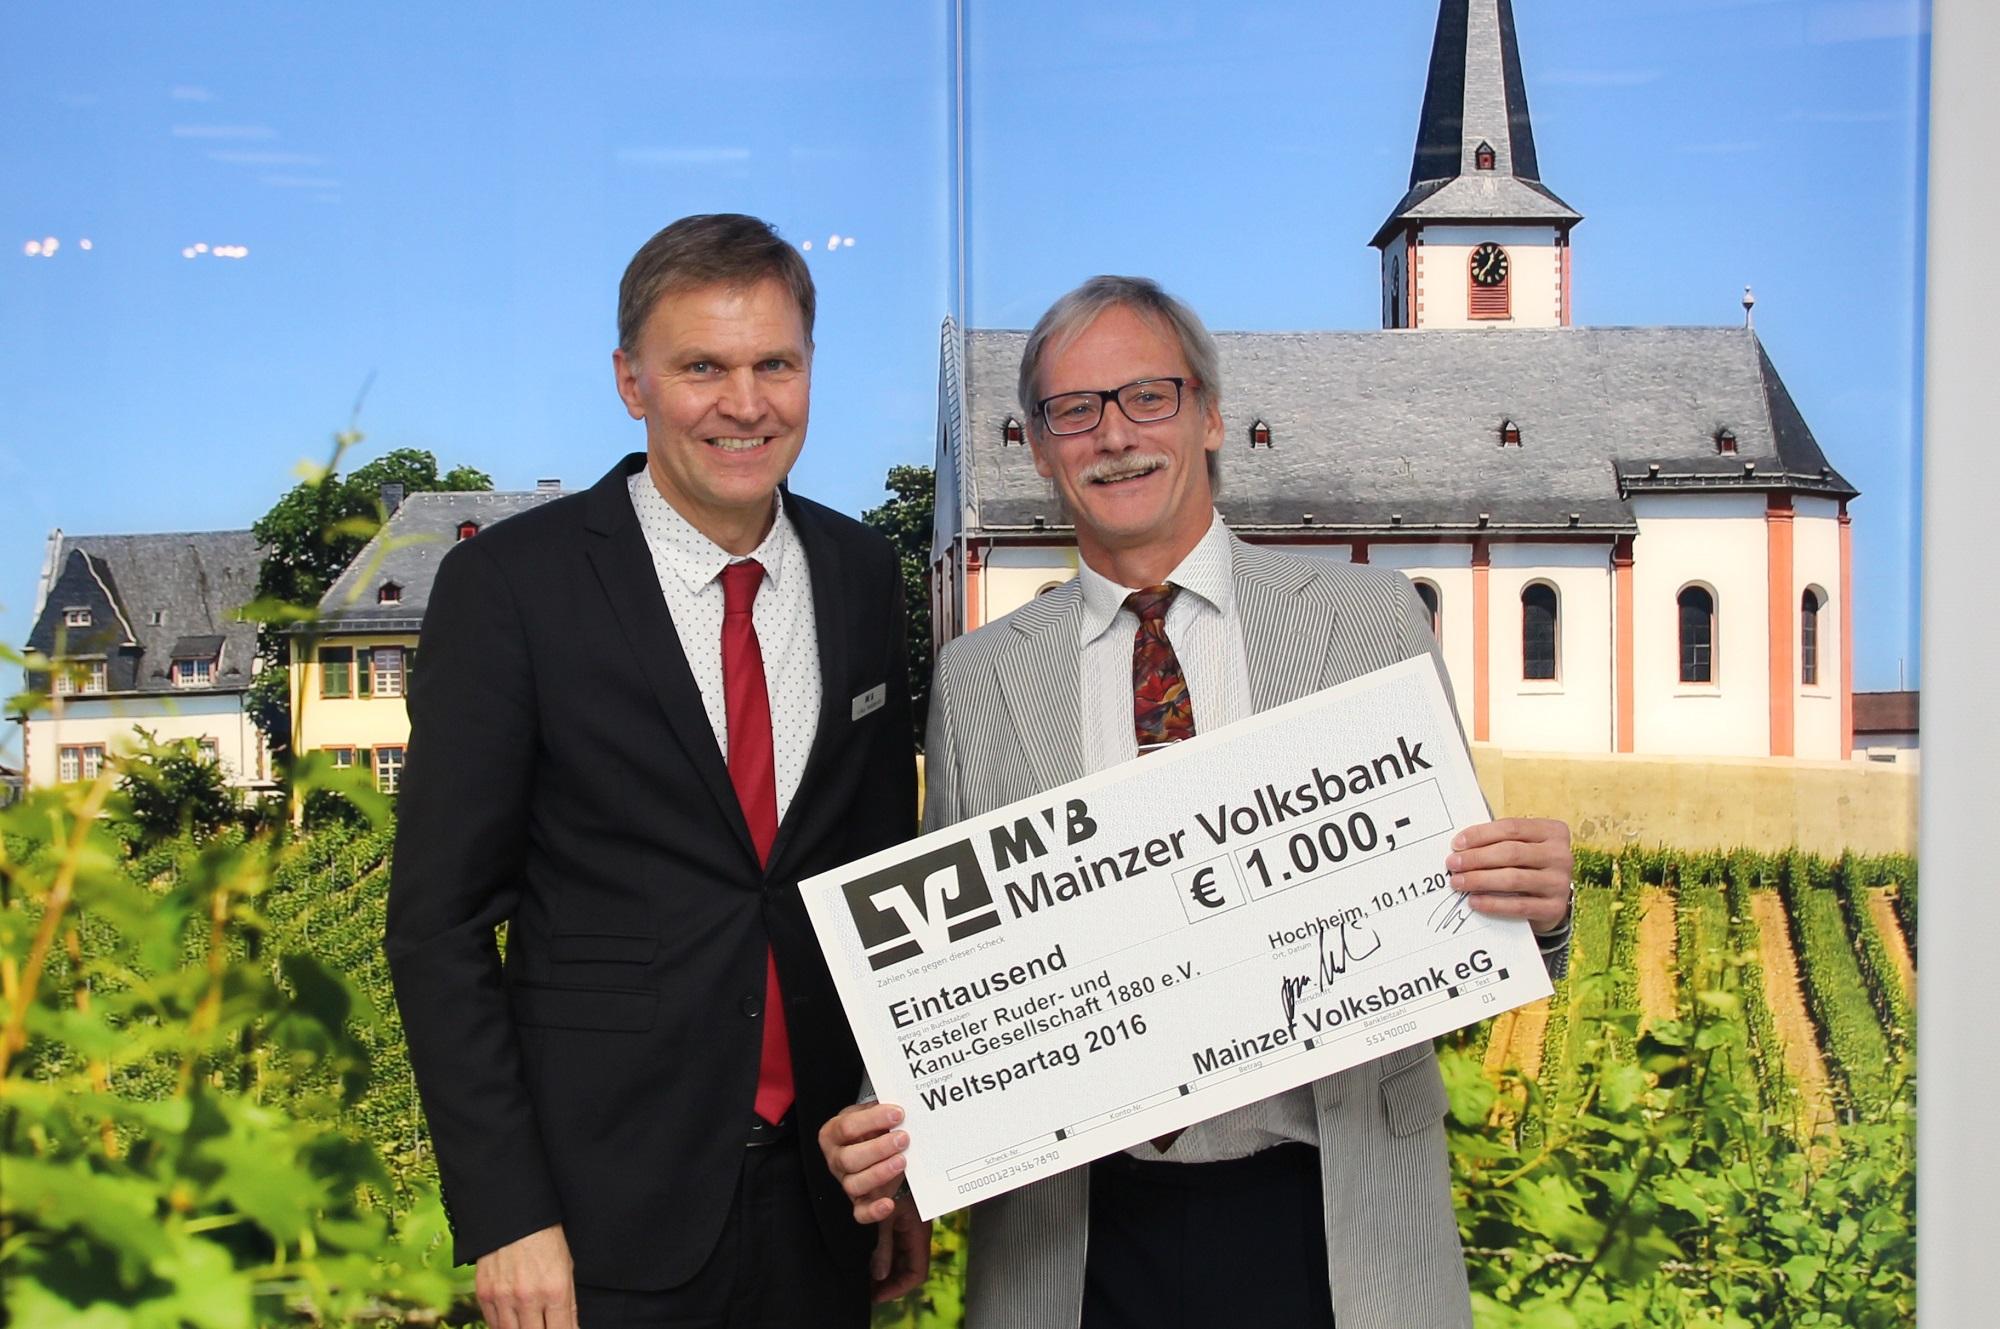 Bilder der Scheckübergabe in Hochheim 4